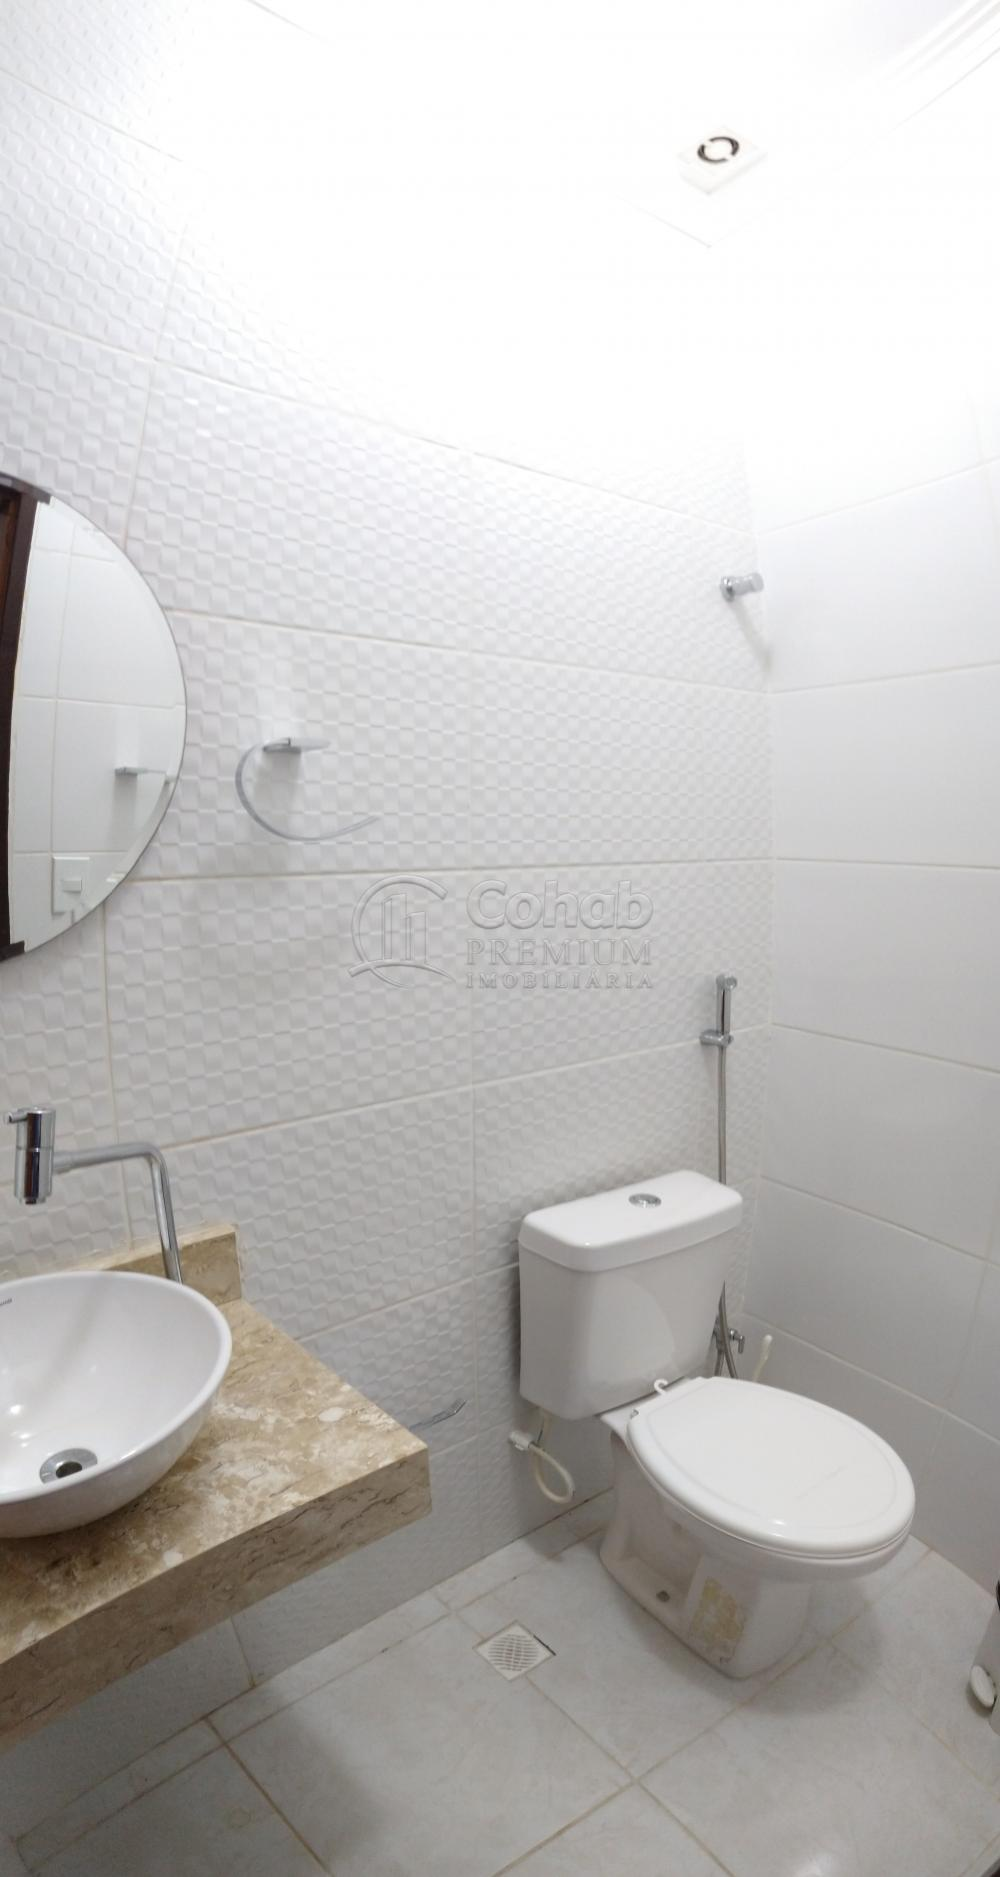 Alugar Comercial / Ponto Comercial em Aracaju apenas R$ 8.000,00 - Foto 10